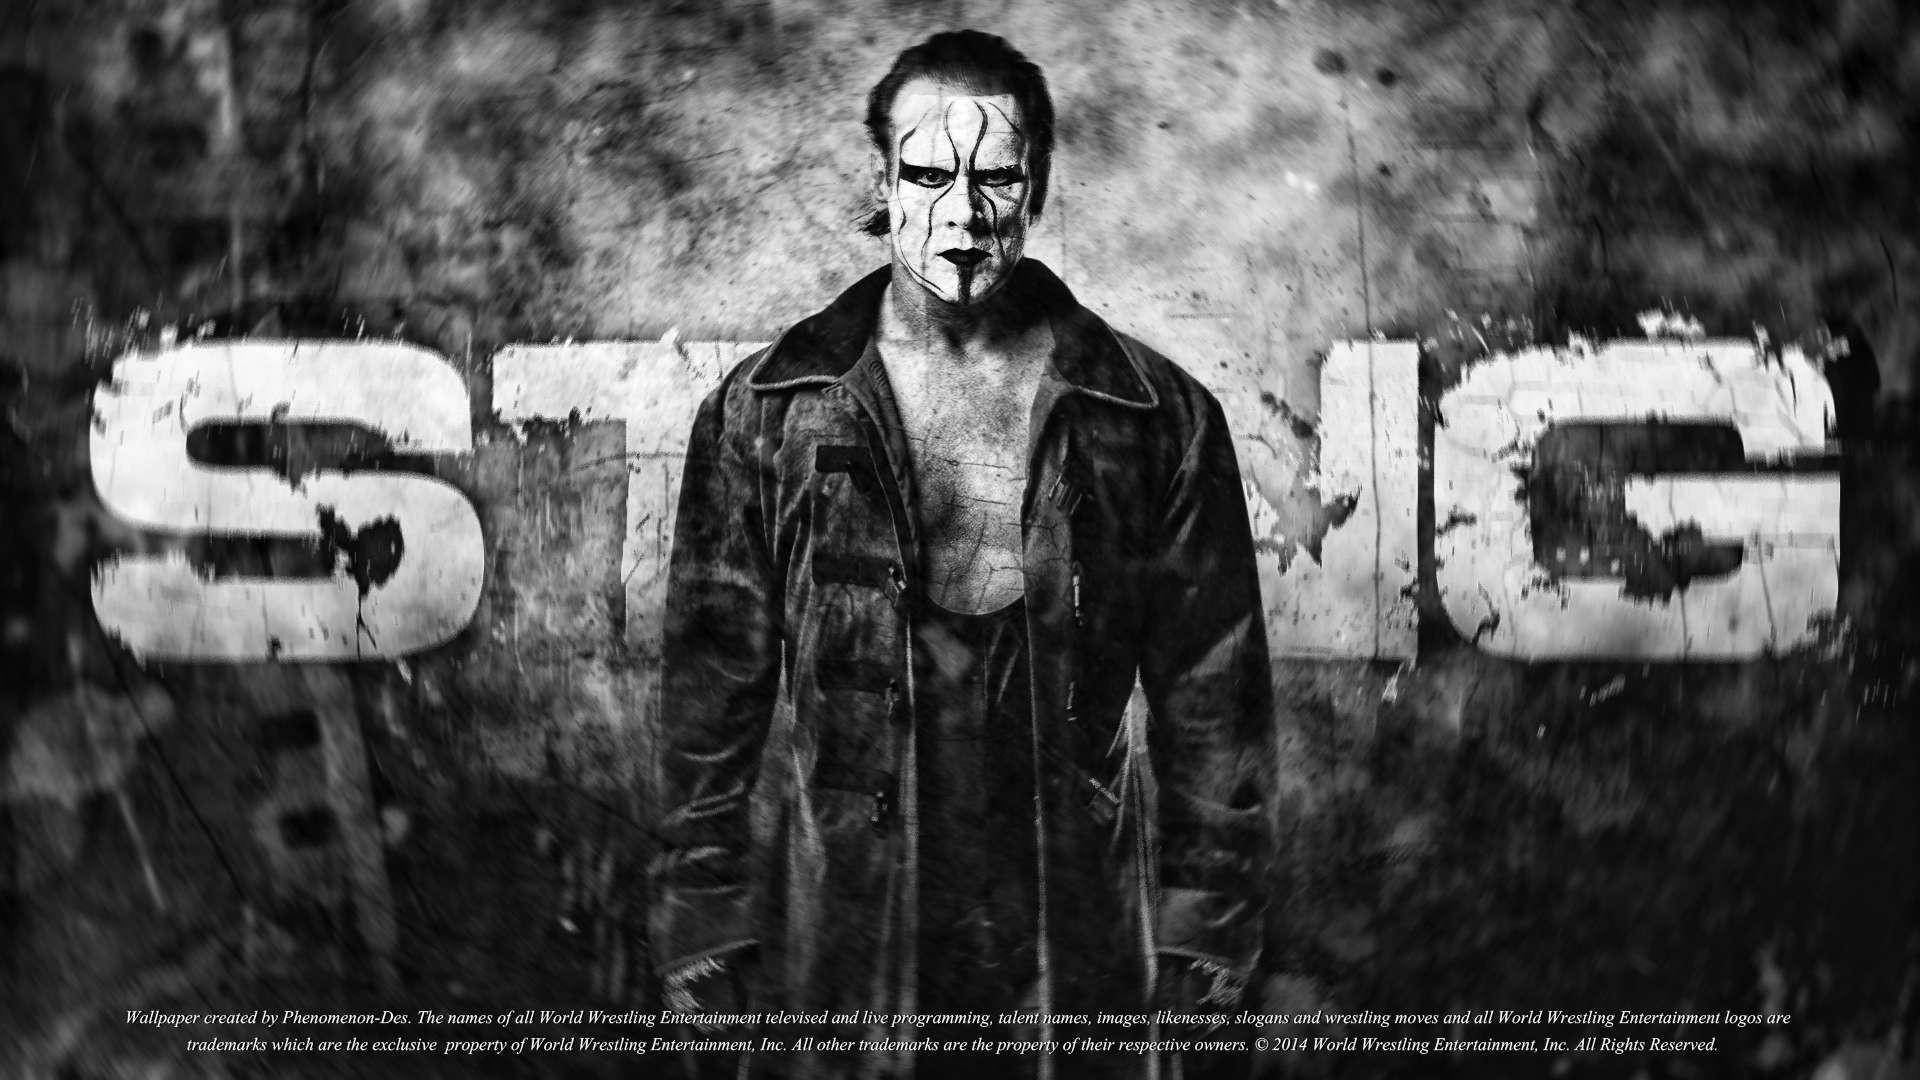 Finn Balor Wallpapers 2017 whb 9 #FinnBalorWallpapers2017 #FinnBalor  #WWEFinnBalor #wwe #wrestling #wallpapers #hdwallpapers | WWE Wallpapers |  Pinterest …